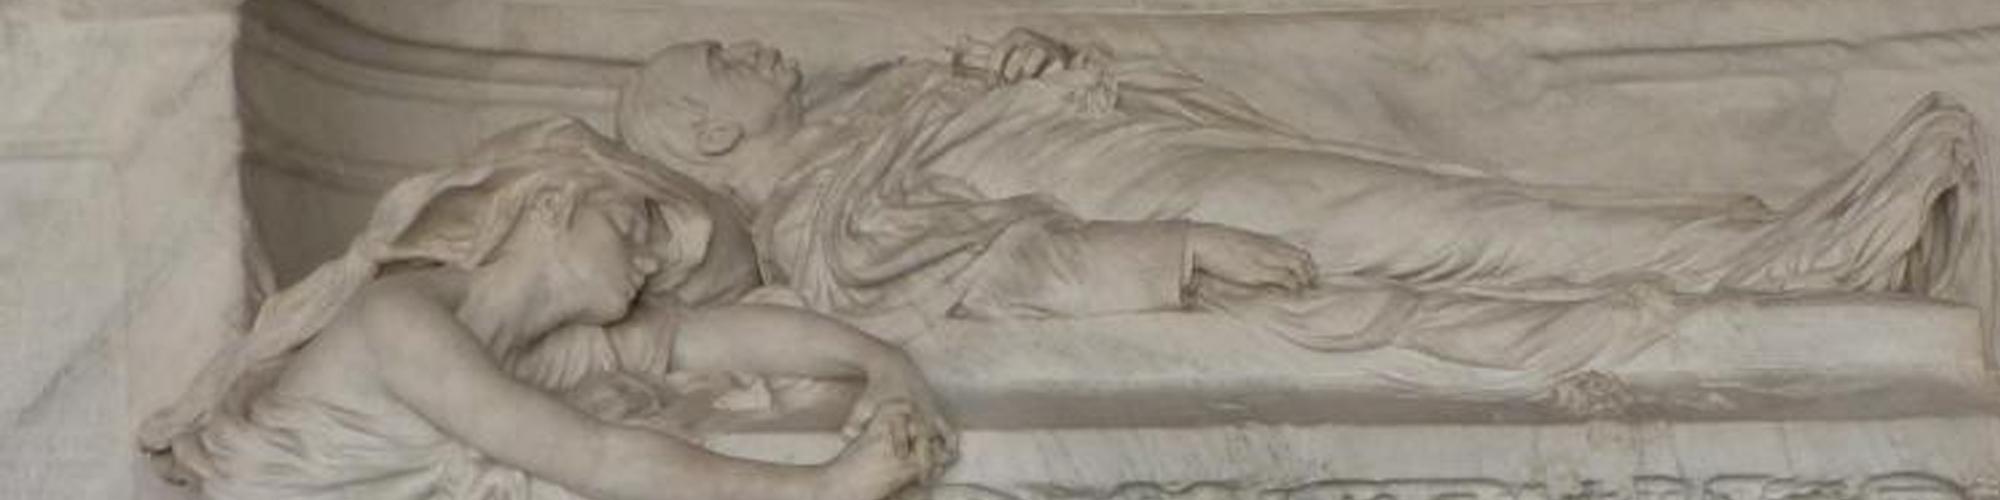 Panteón de España